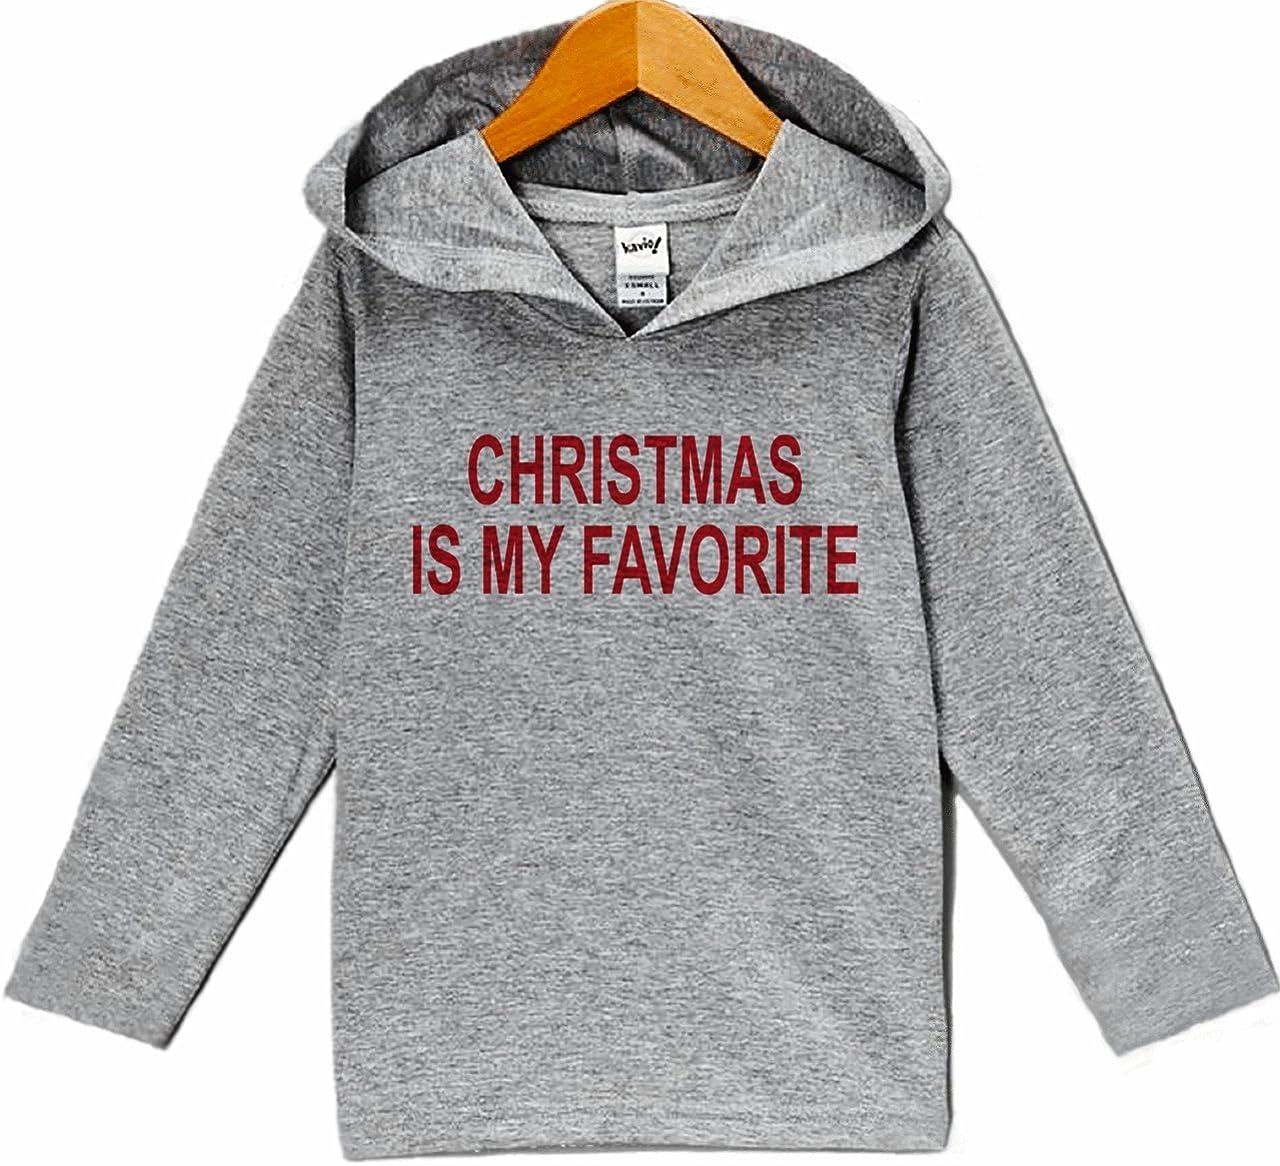 7 ate 9 Apparel Kids Christmas is My Favorite Hoodie